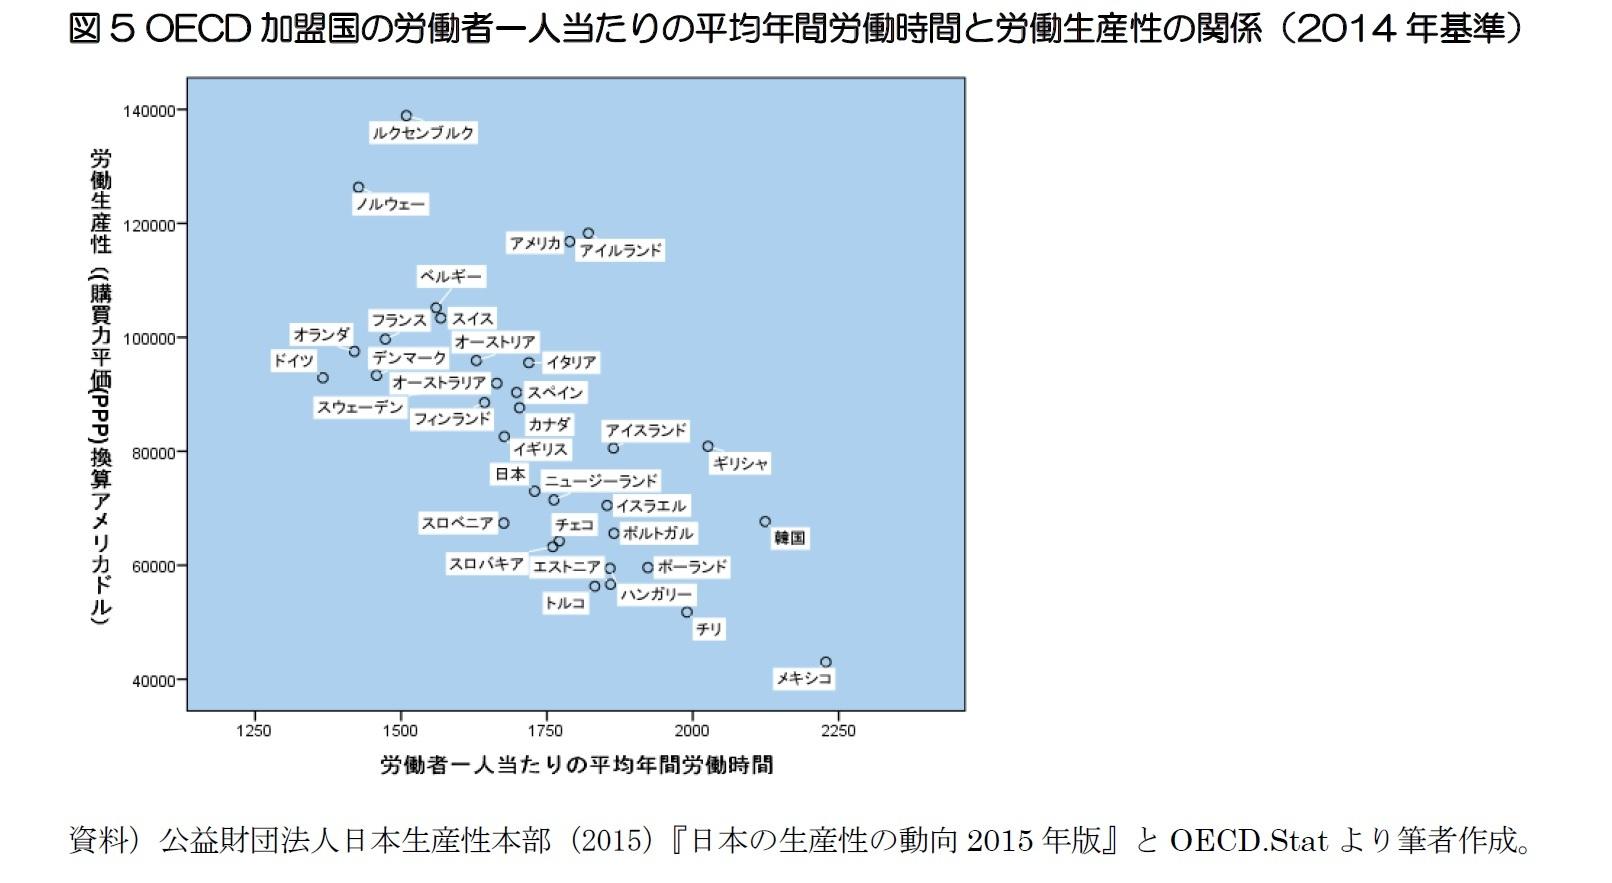 図5 OECD加盟国の労働者一人当たりの平均年間労働時間と労働生産性の関係(2014年基準)